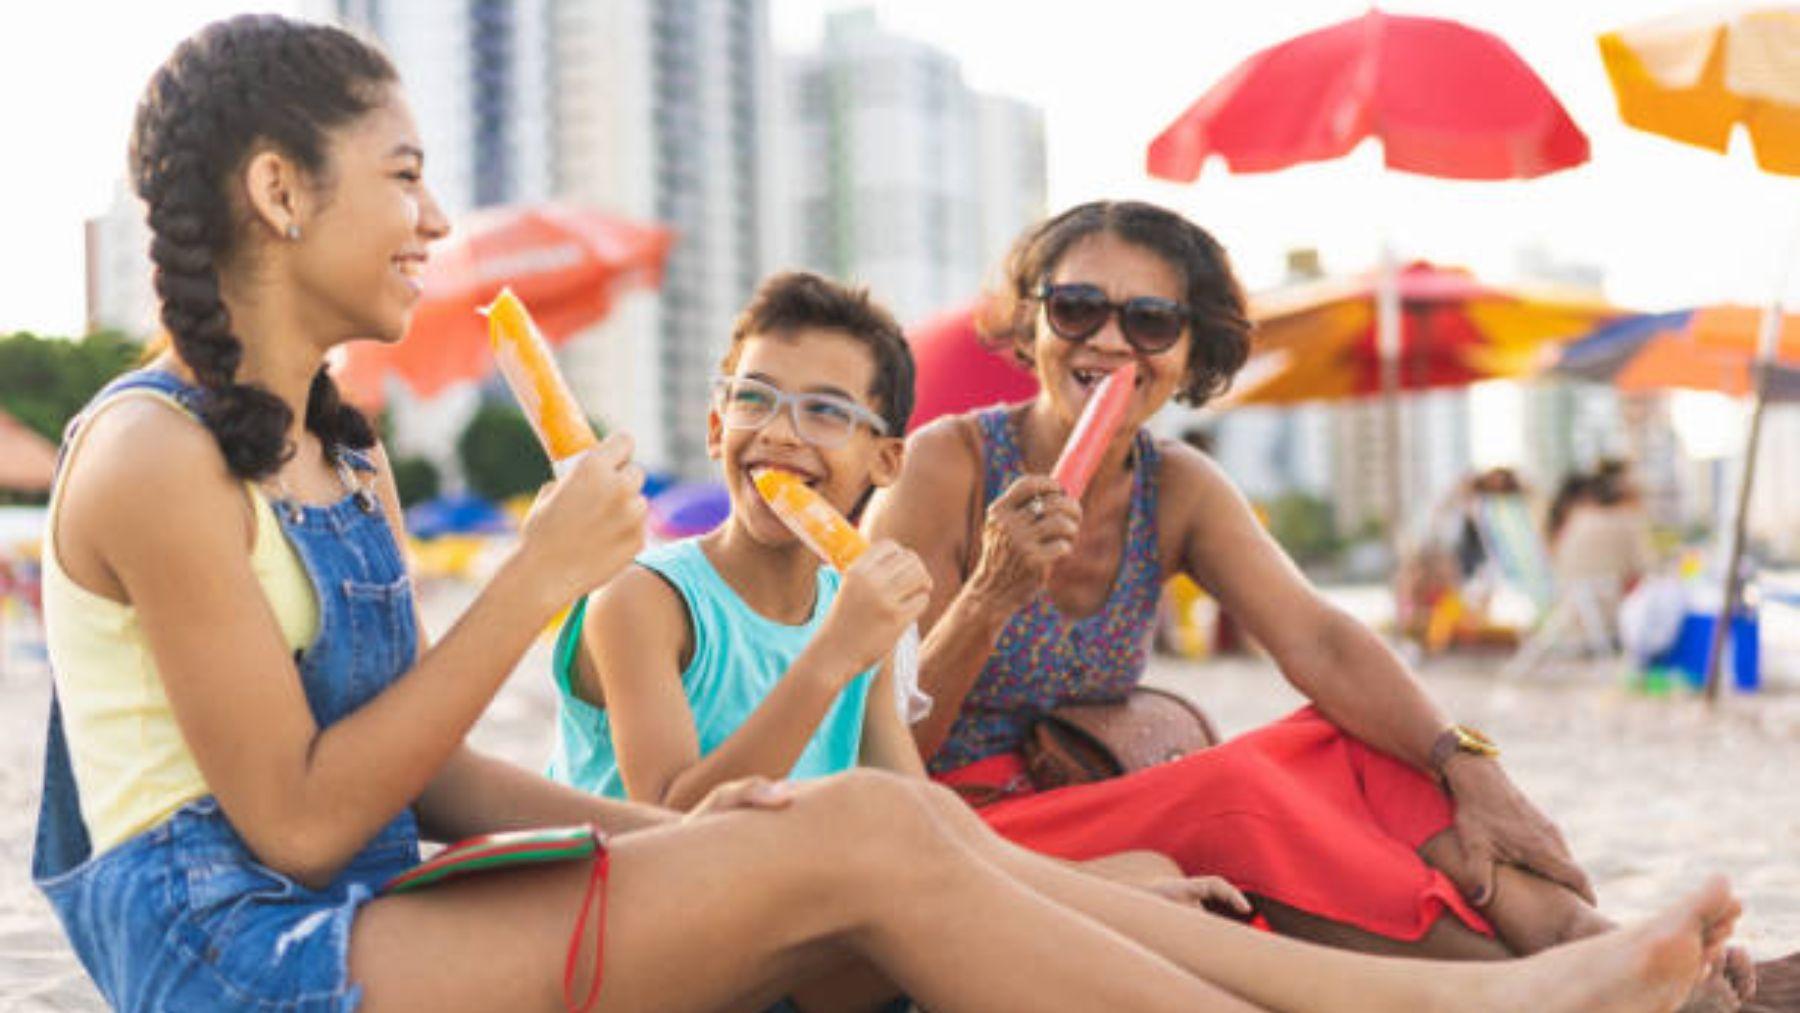 Descubre qué snacks podemos dar a los niños en la playa o la piscina